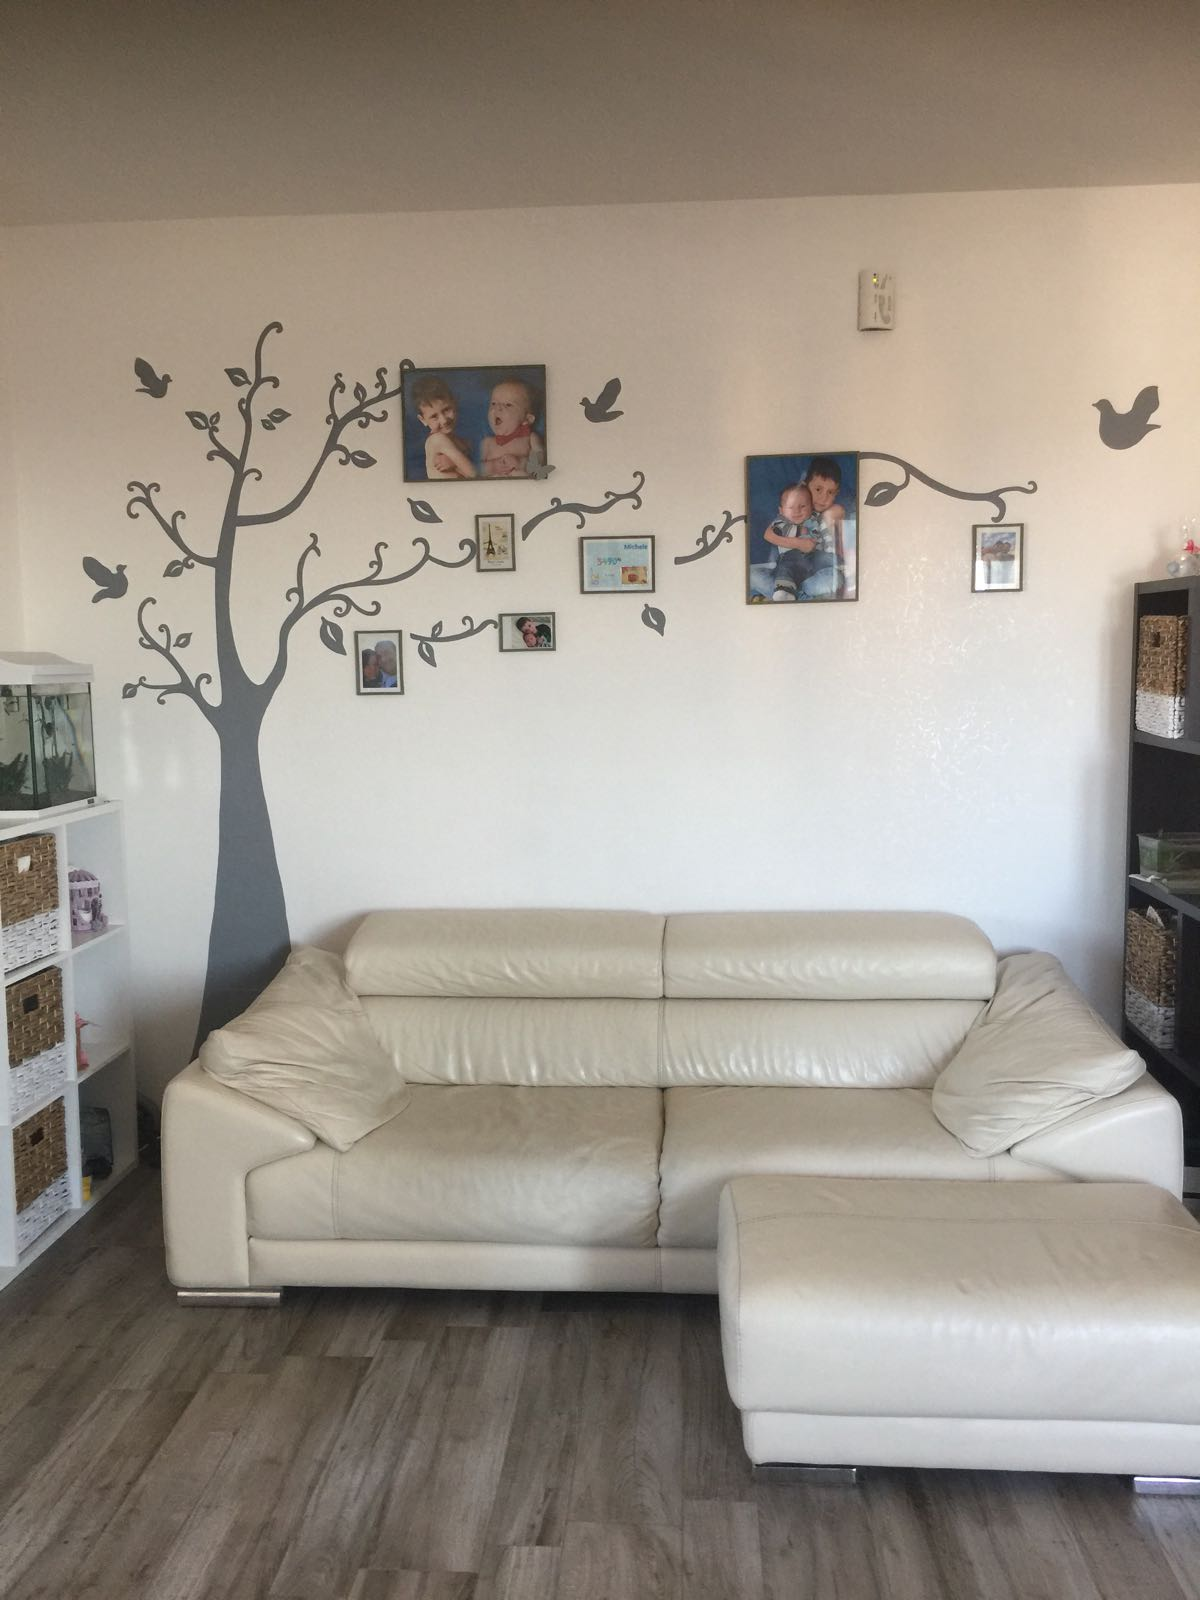 Decorazione parete - Albero delle foto